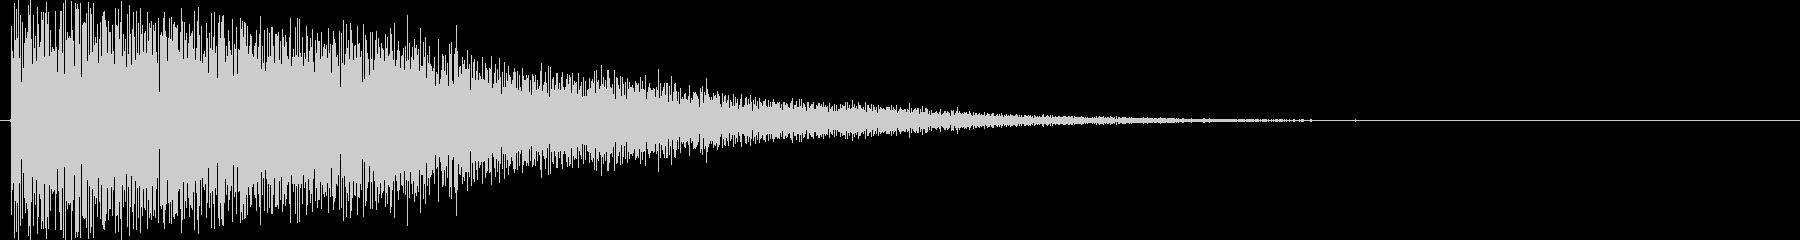 短い銅鑼の音4の未再生の波形